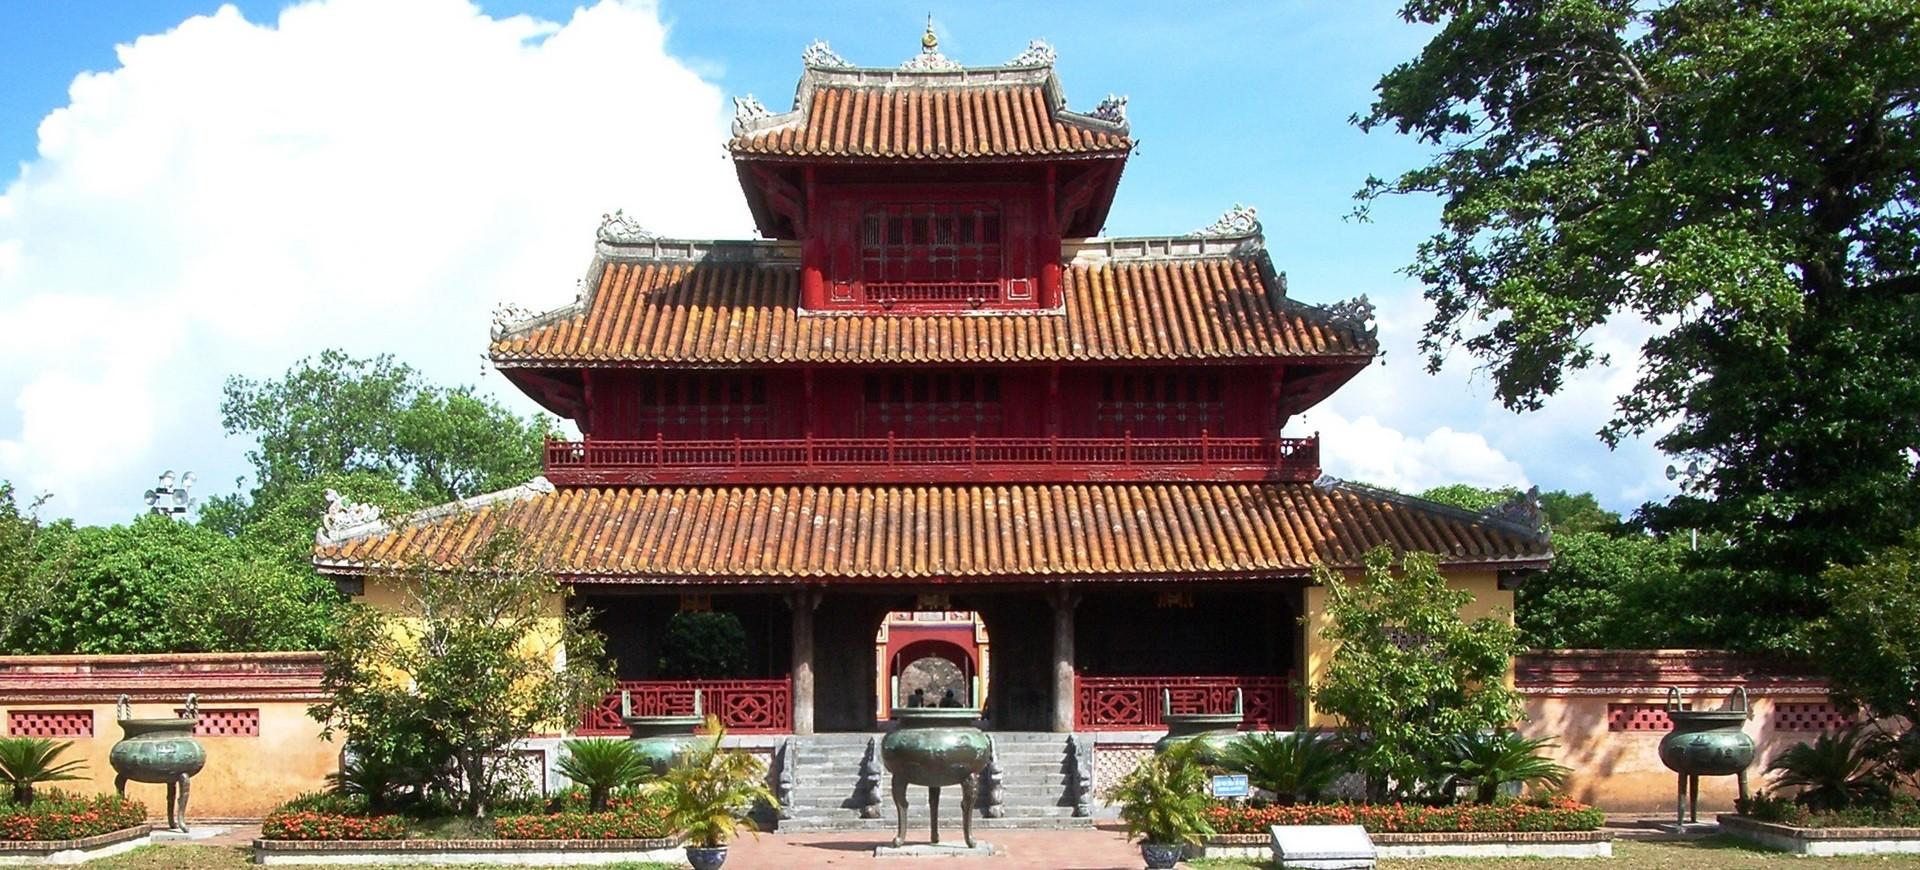 Temple à Hué au Vietnam